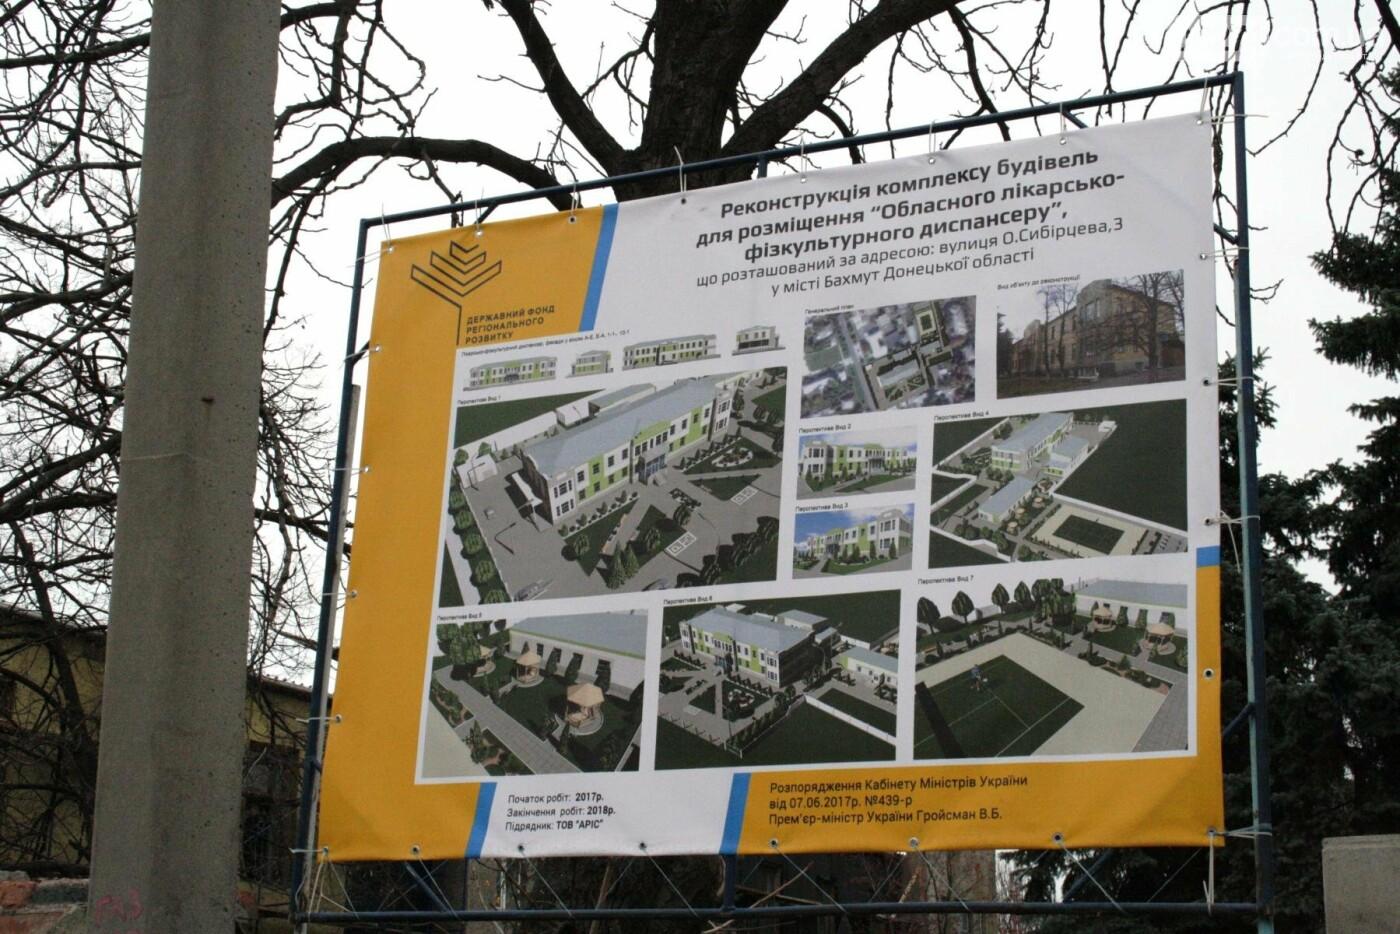 Городской голова Бахмута проинспектировал объекты реконструкции, фото-3